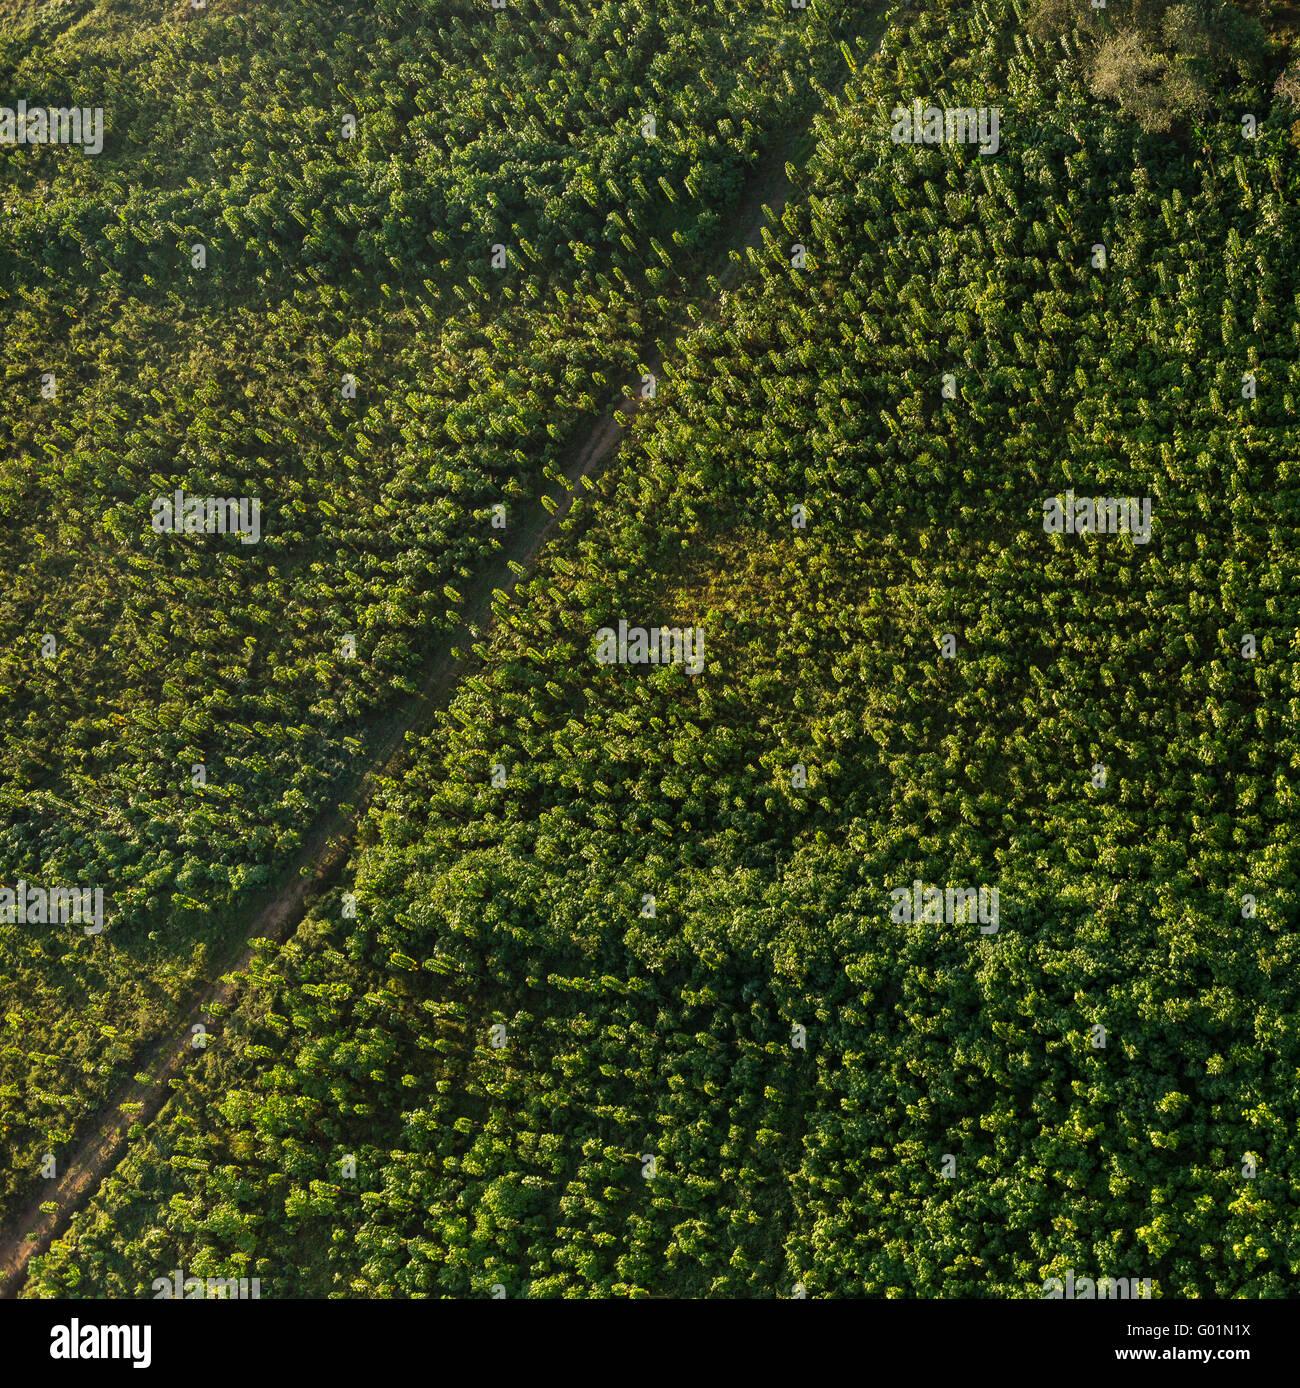 Die Halbinsel OSA, COSTA RICA - Luftaufnahmen von zwei Jahre alten Teakbäume auf nachhaltige Teak-Plantage in Puerto Stockfoto